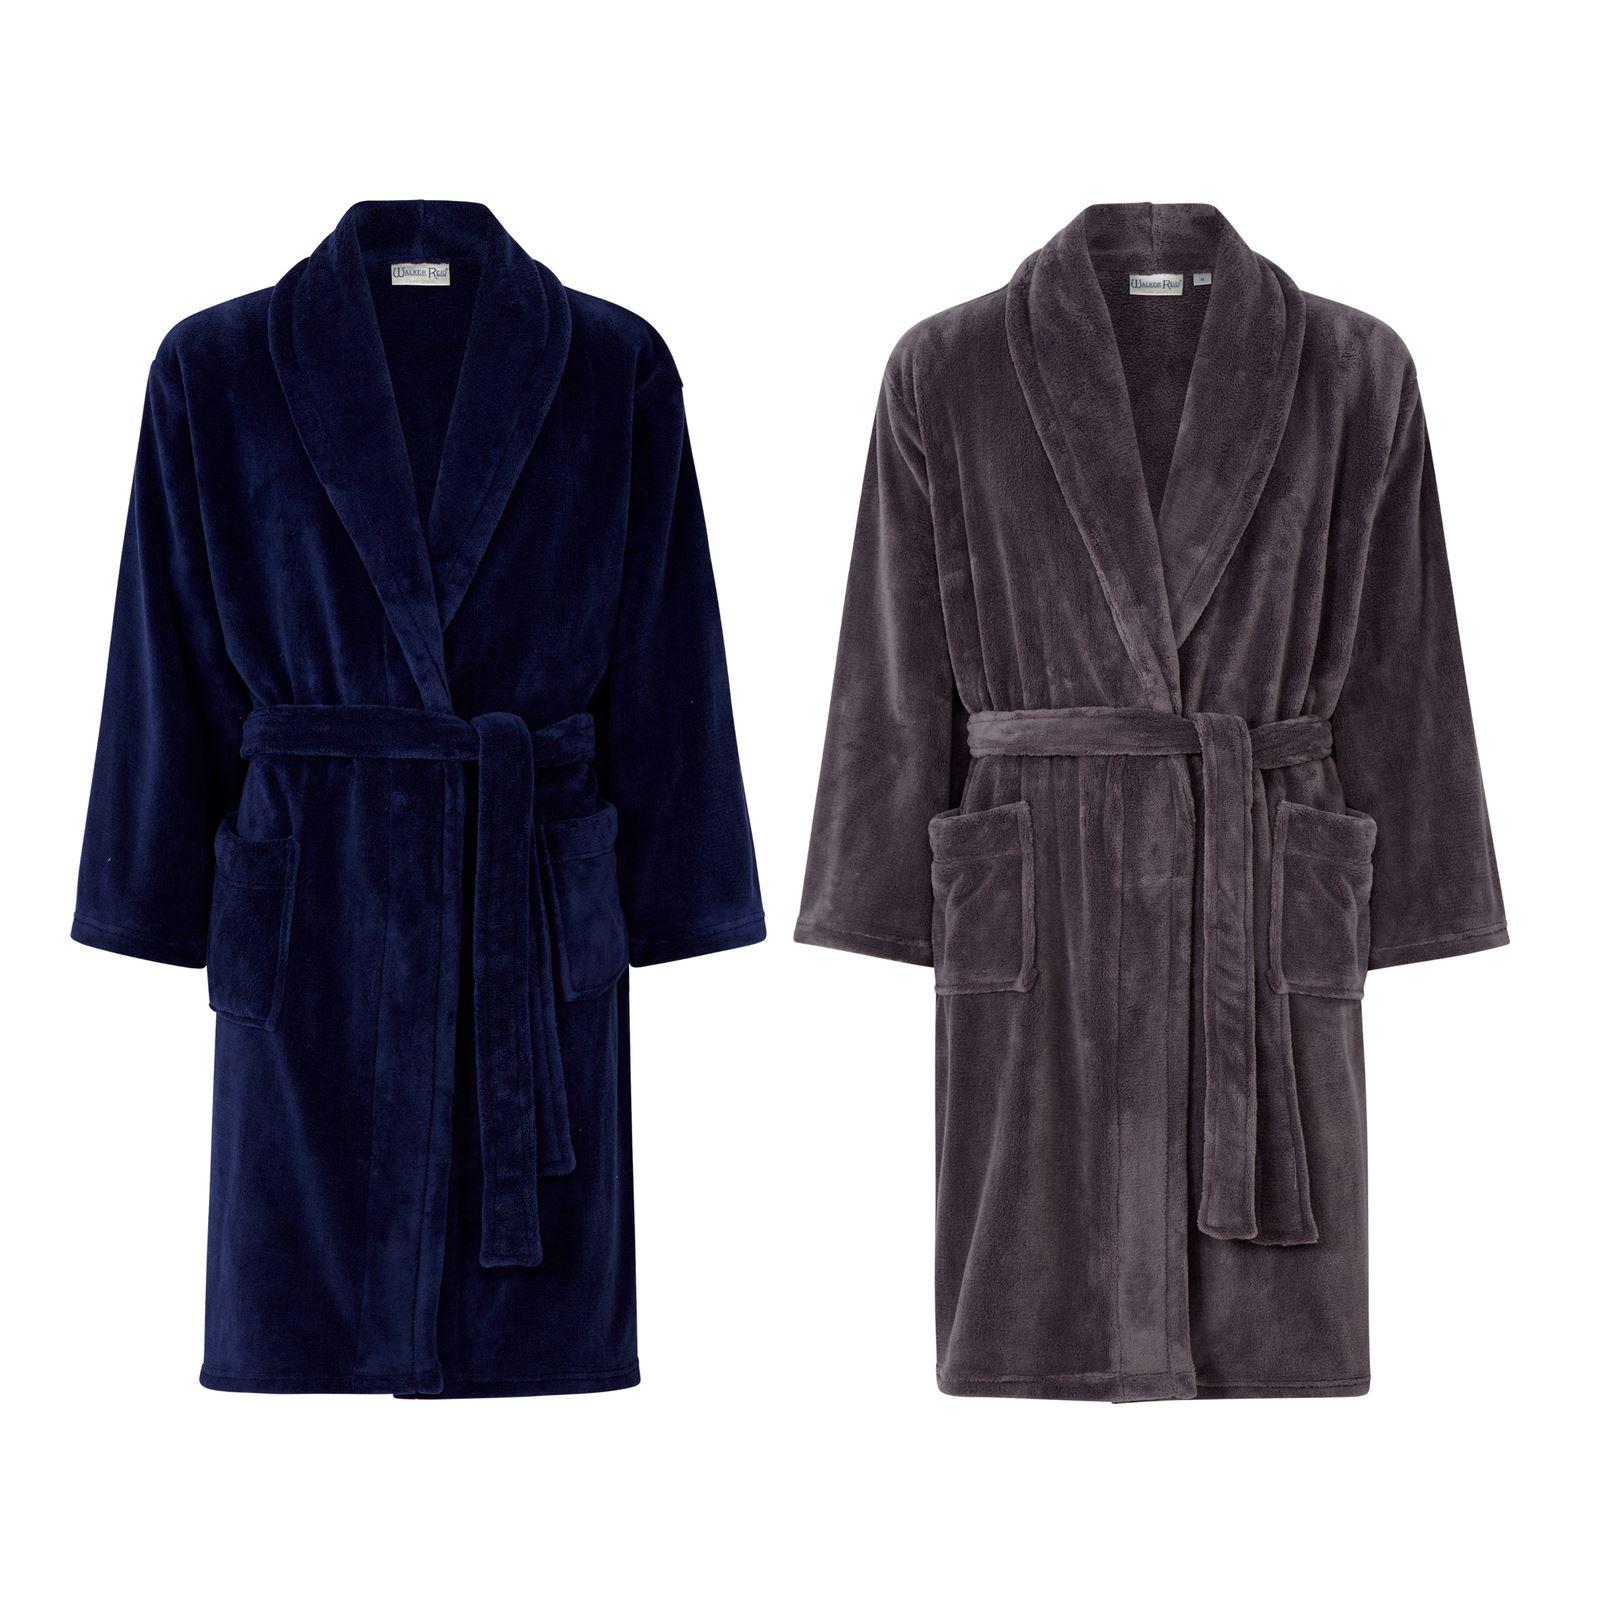 Details about Walker Reid Mens Robe Plain Fleece Dressing Gown 3cc7bbccf